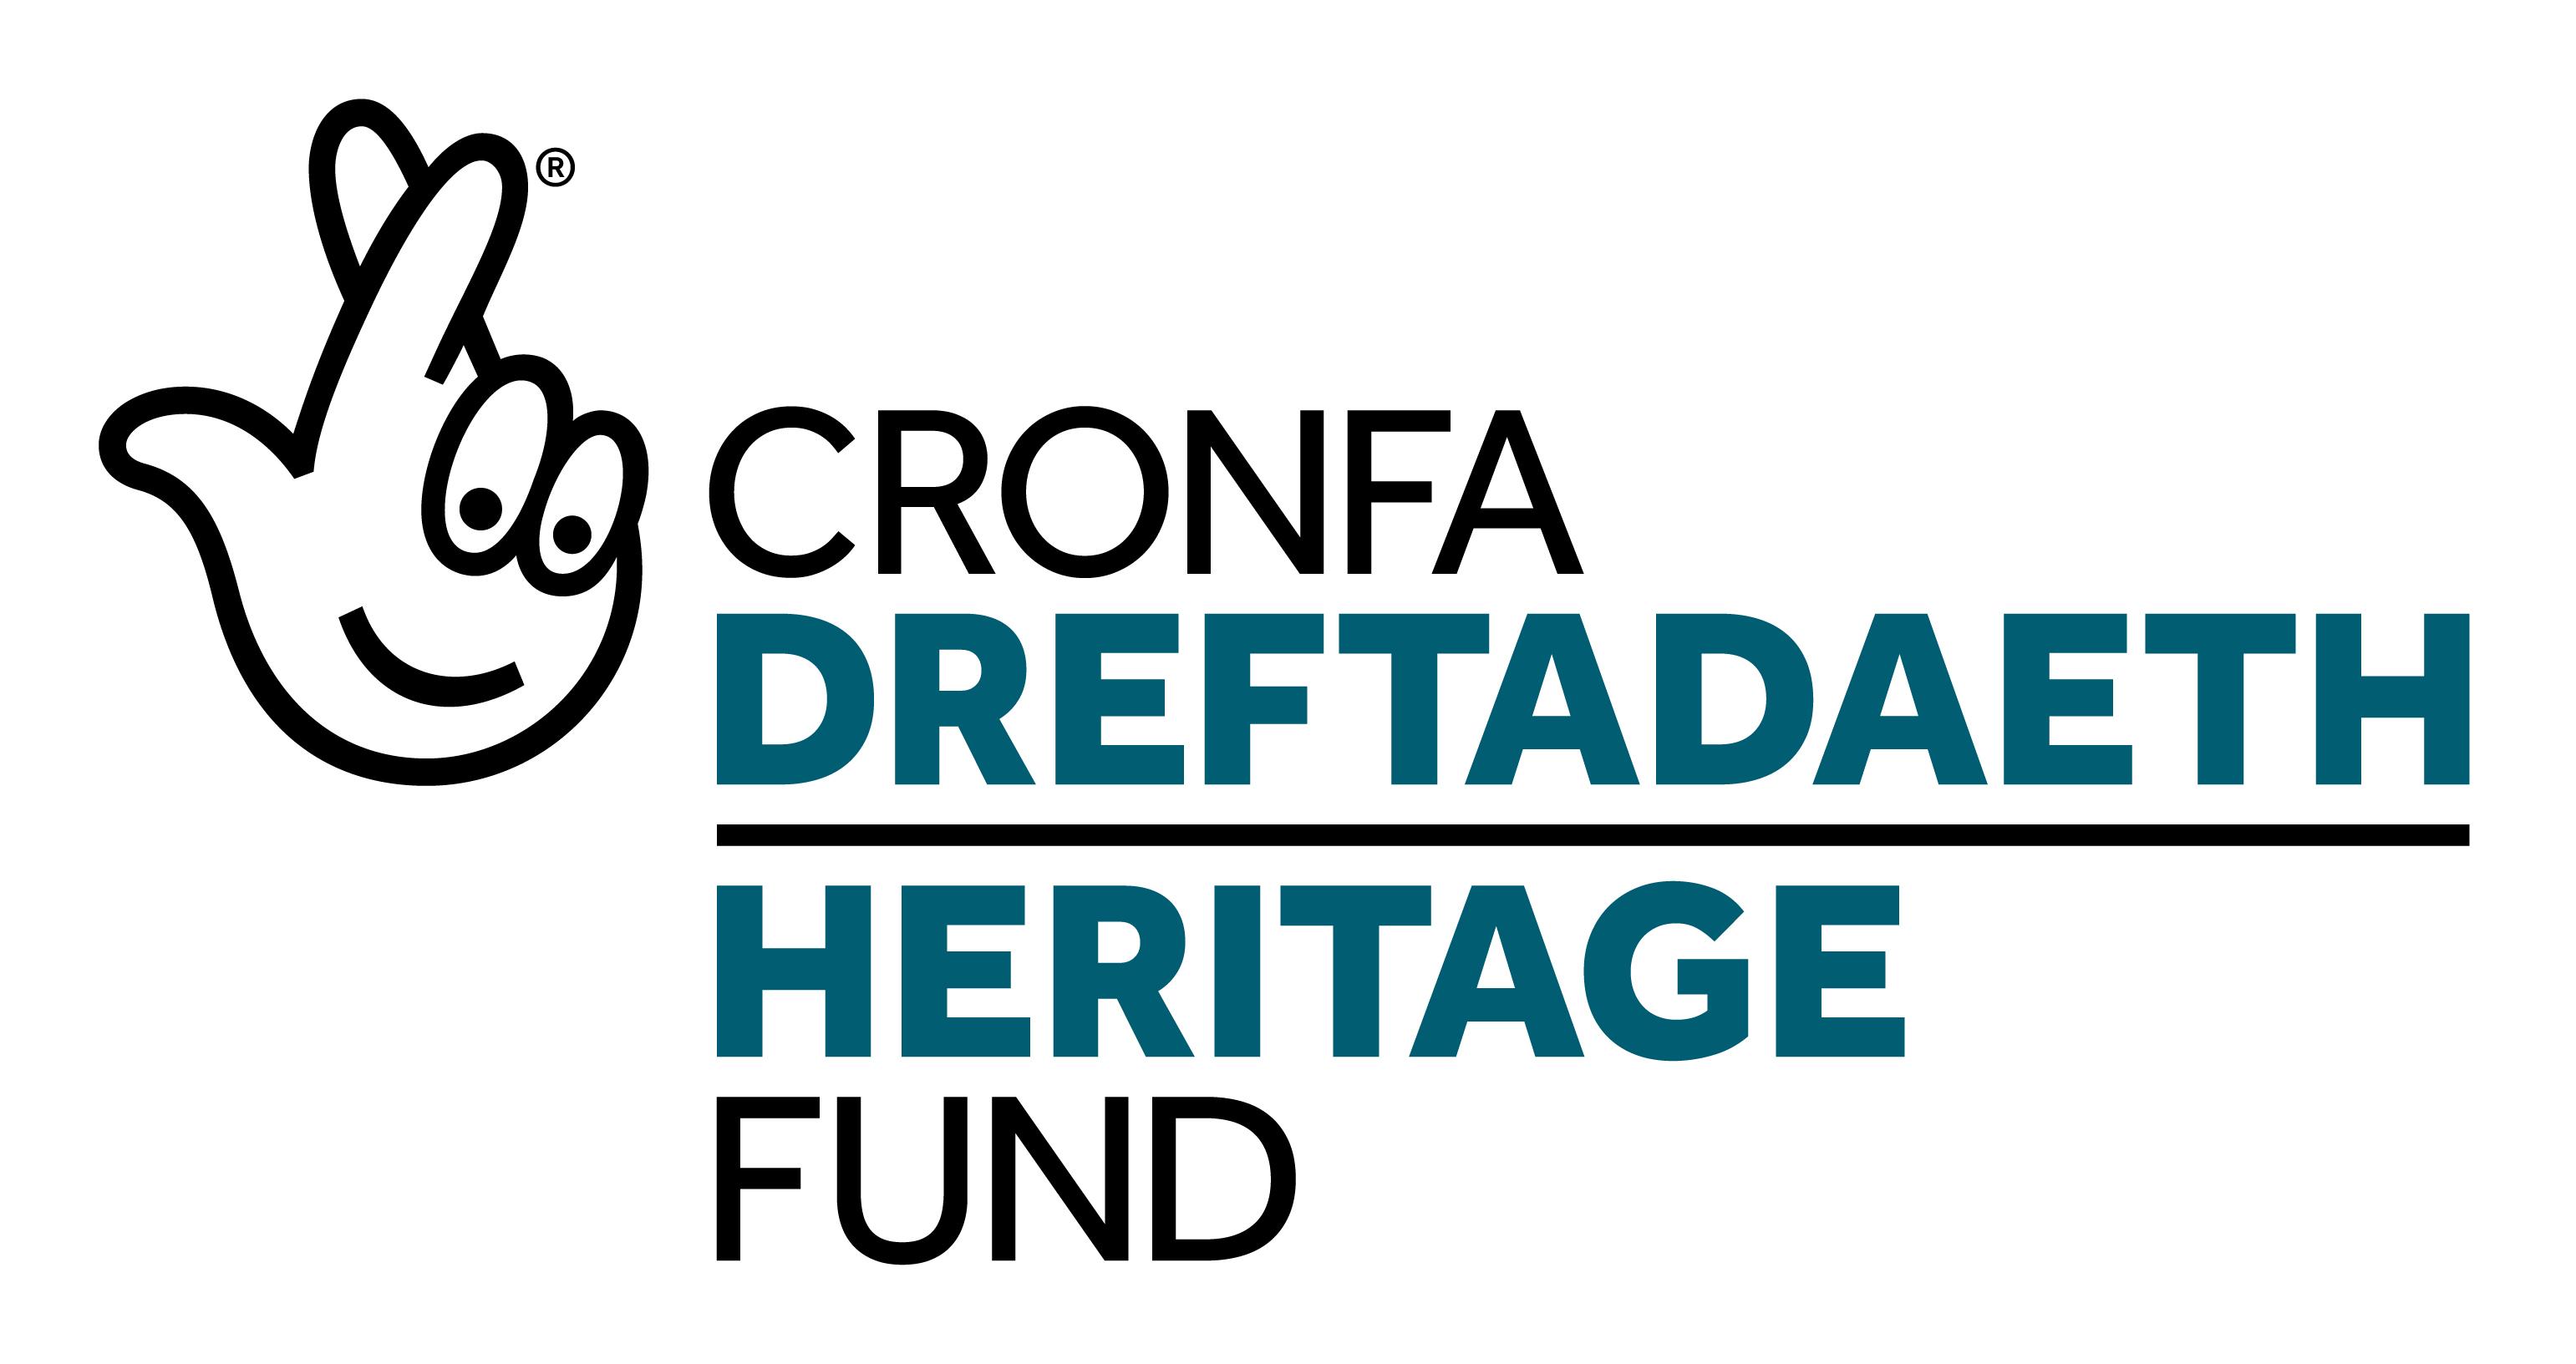 Sesiwn Cronfa Dreftadaeth y Loteri Genedlaethol / National Lottery Heritage Fund Information Session banner image